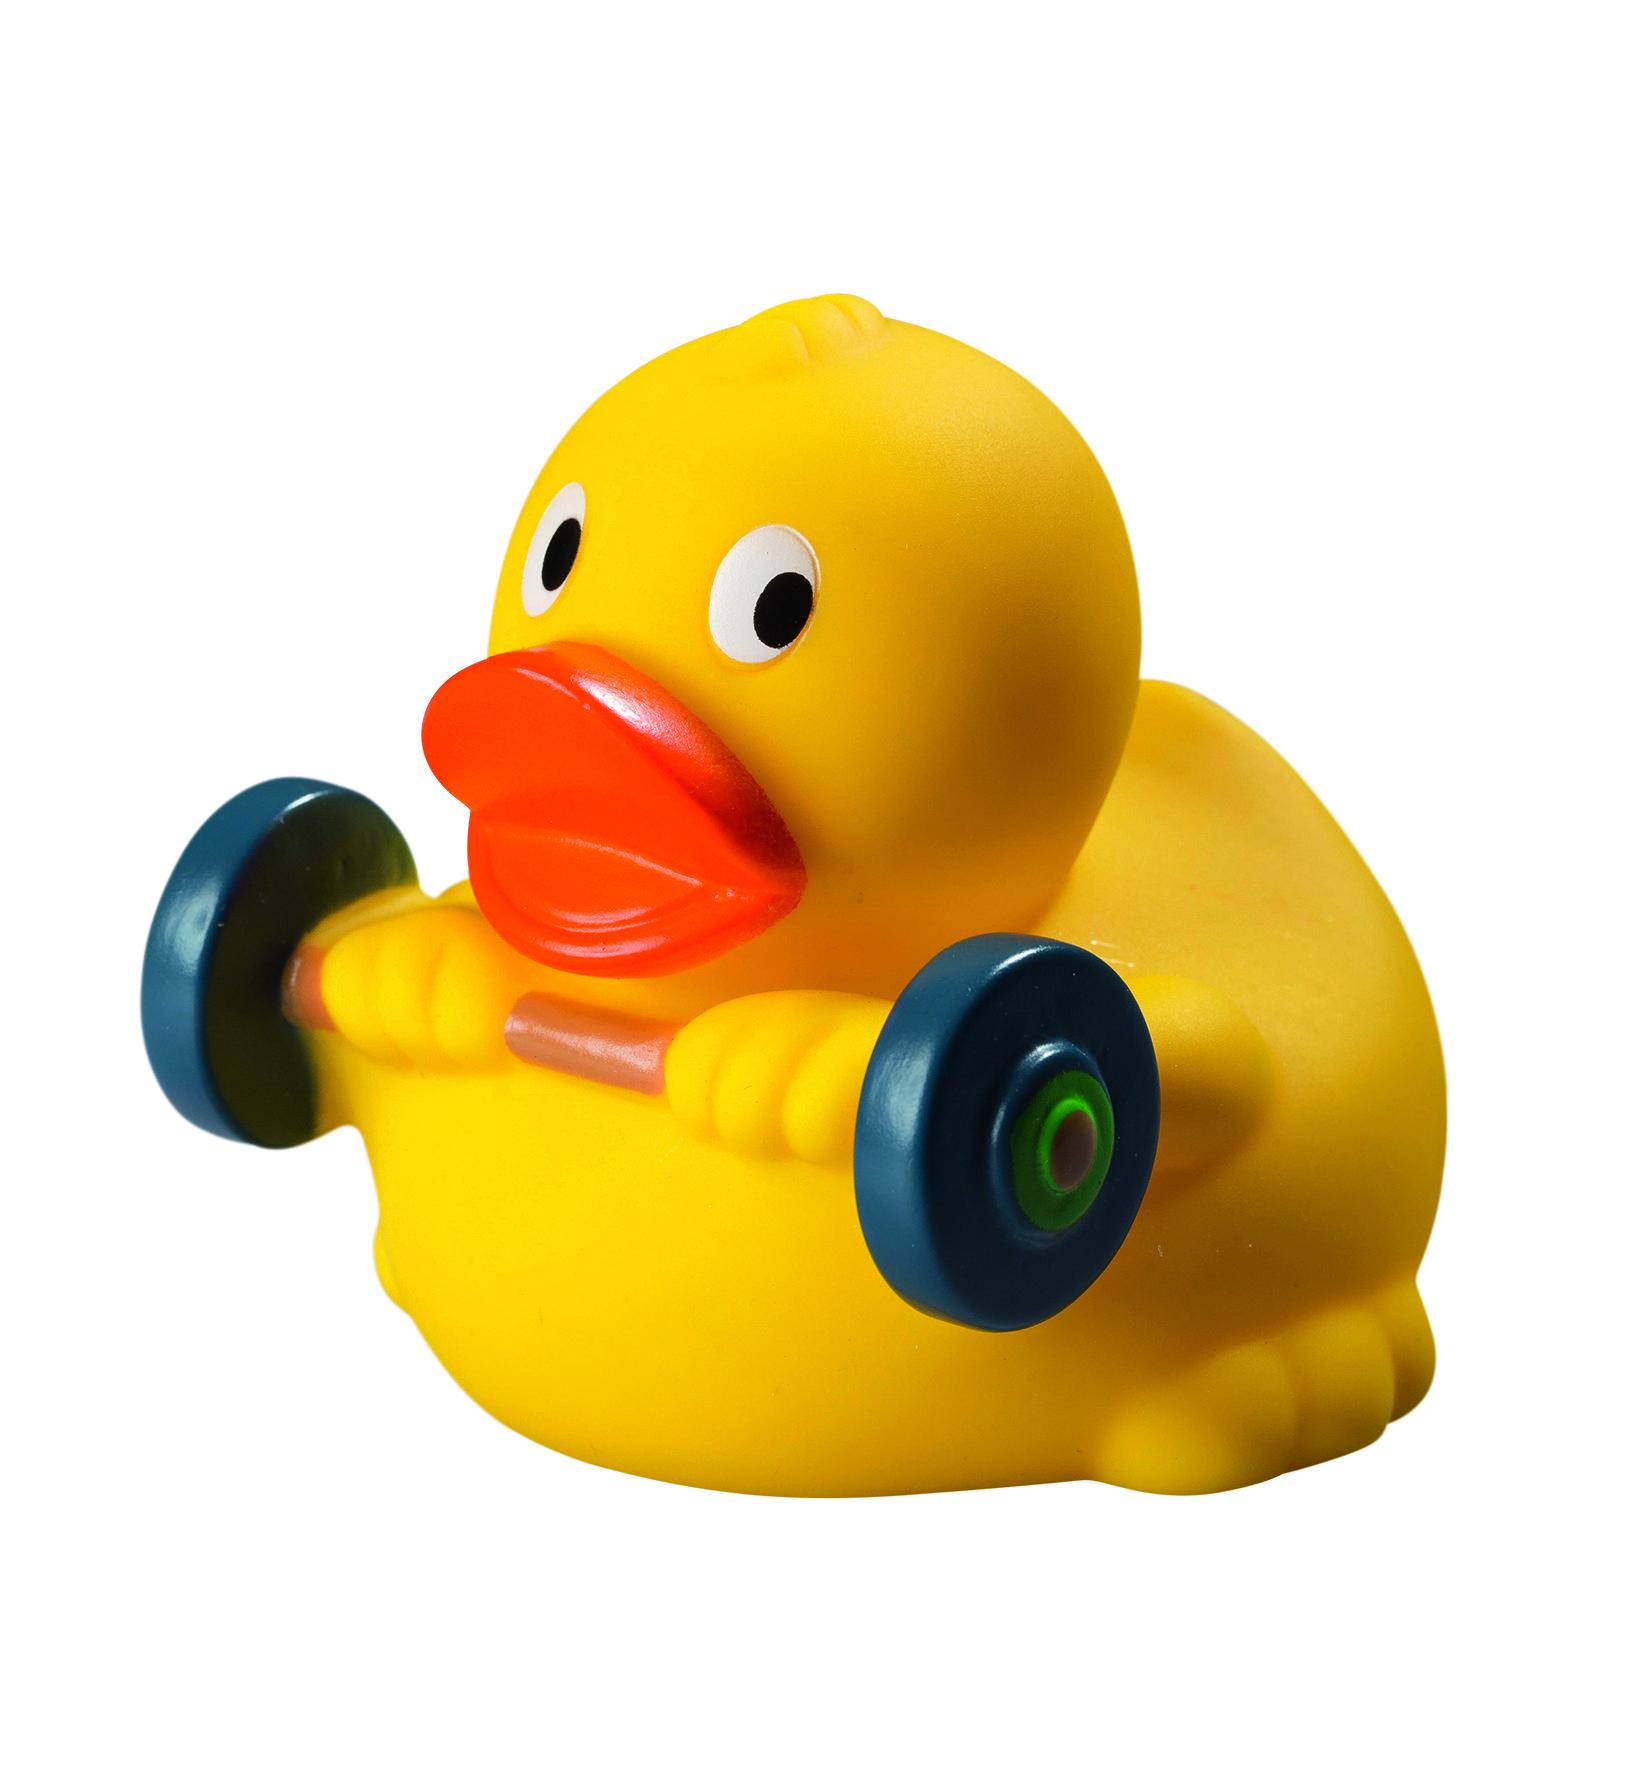 Quietsche Ente Gewichtheber Rubber Duck Rubber Ducky Ducky Duck